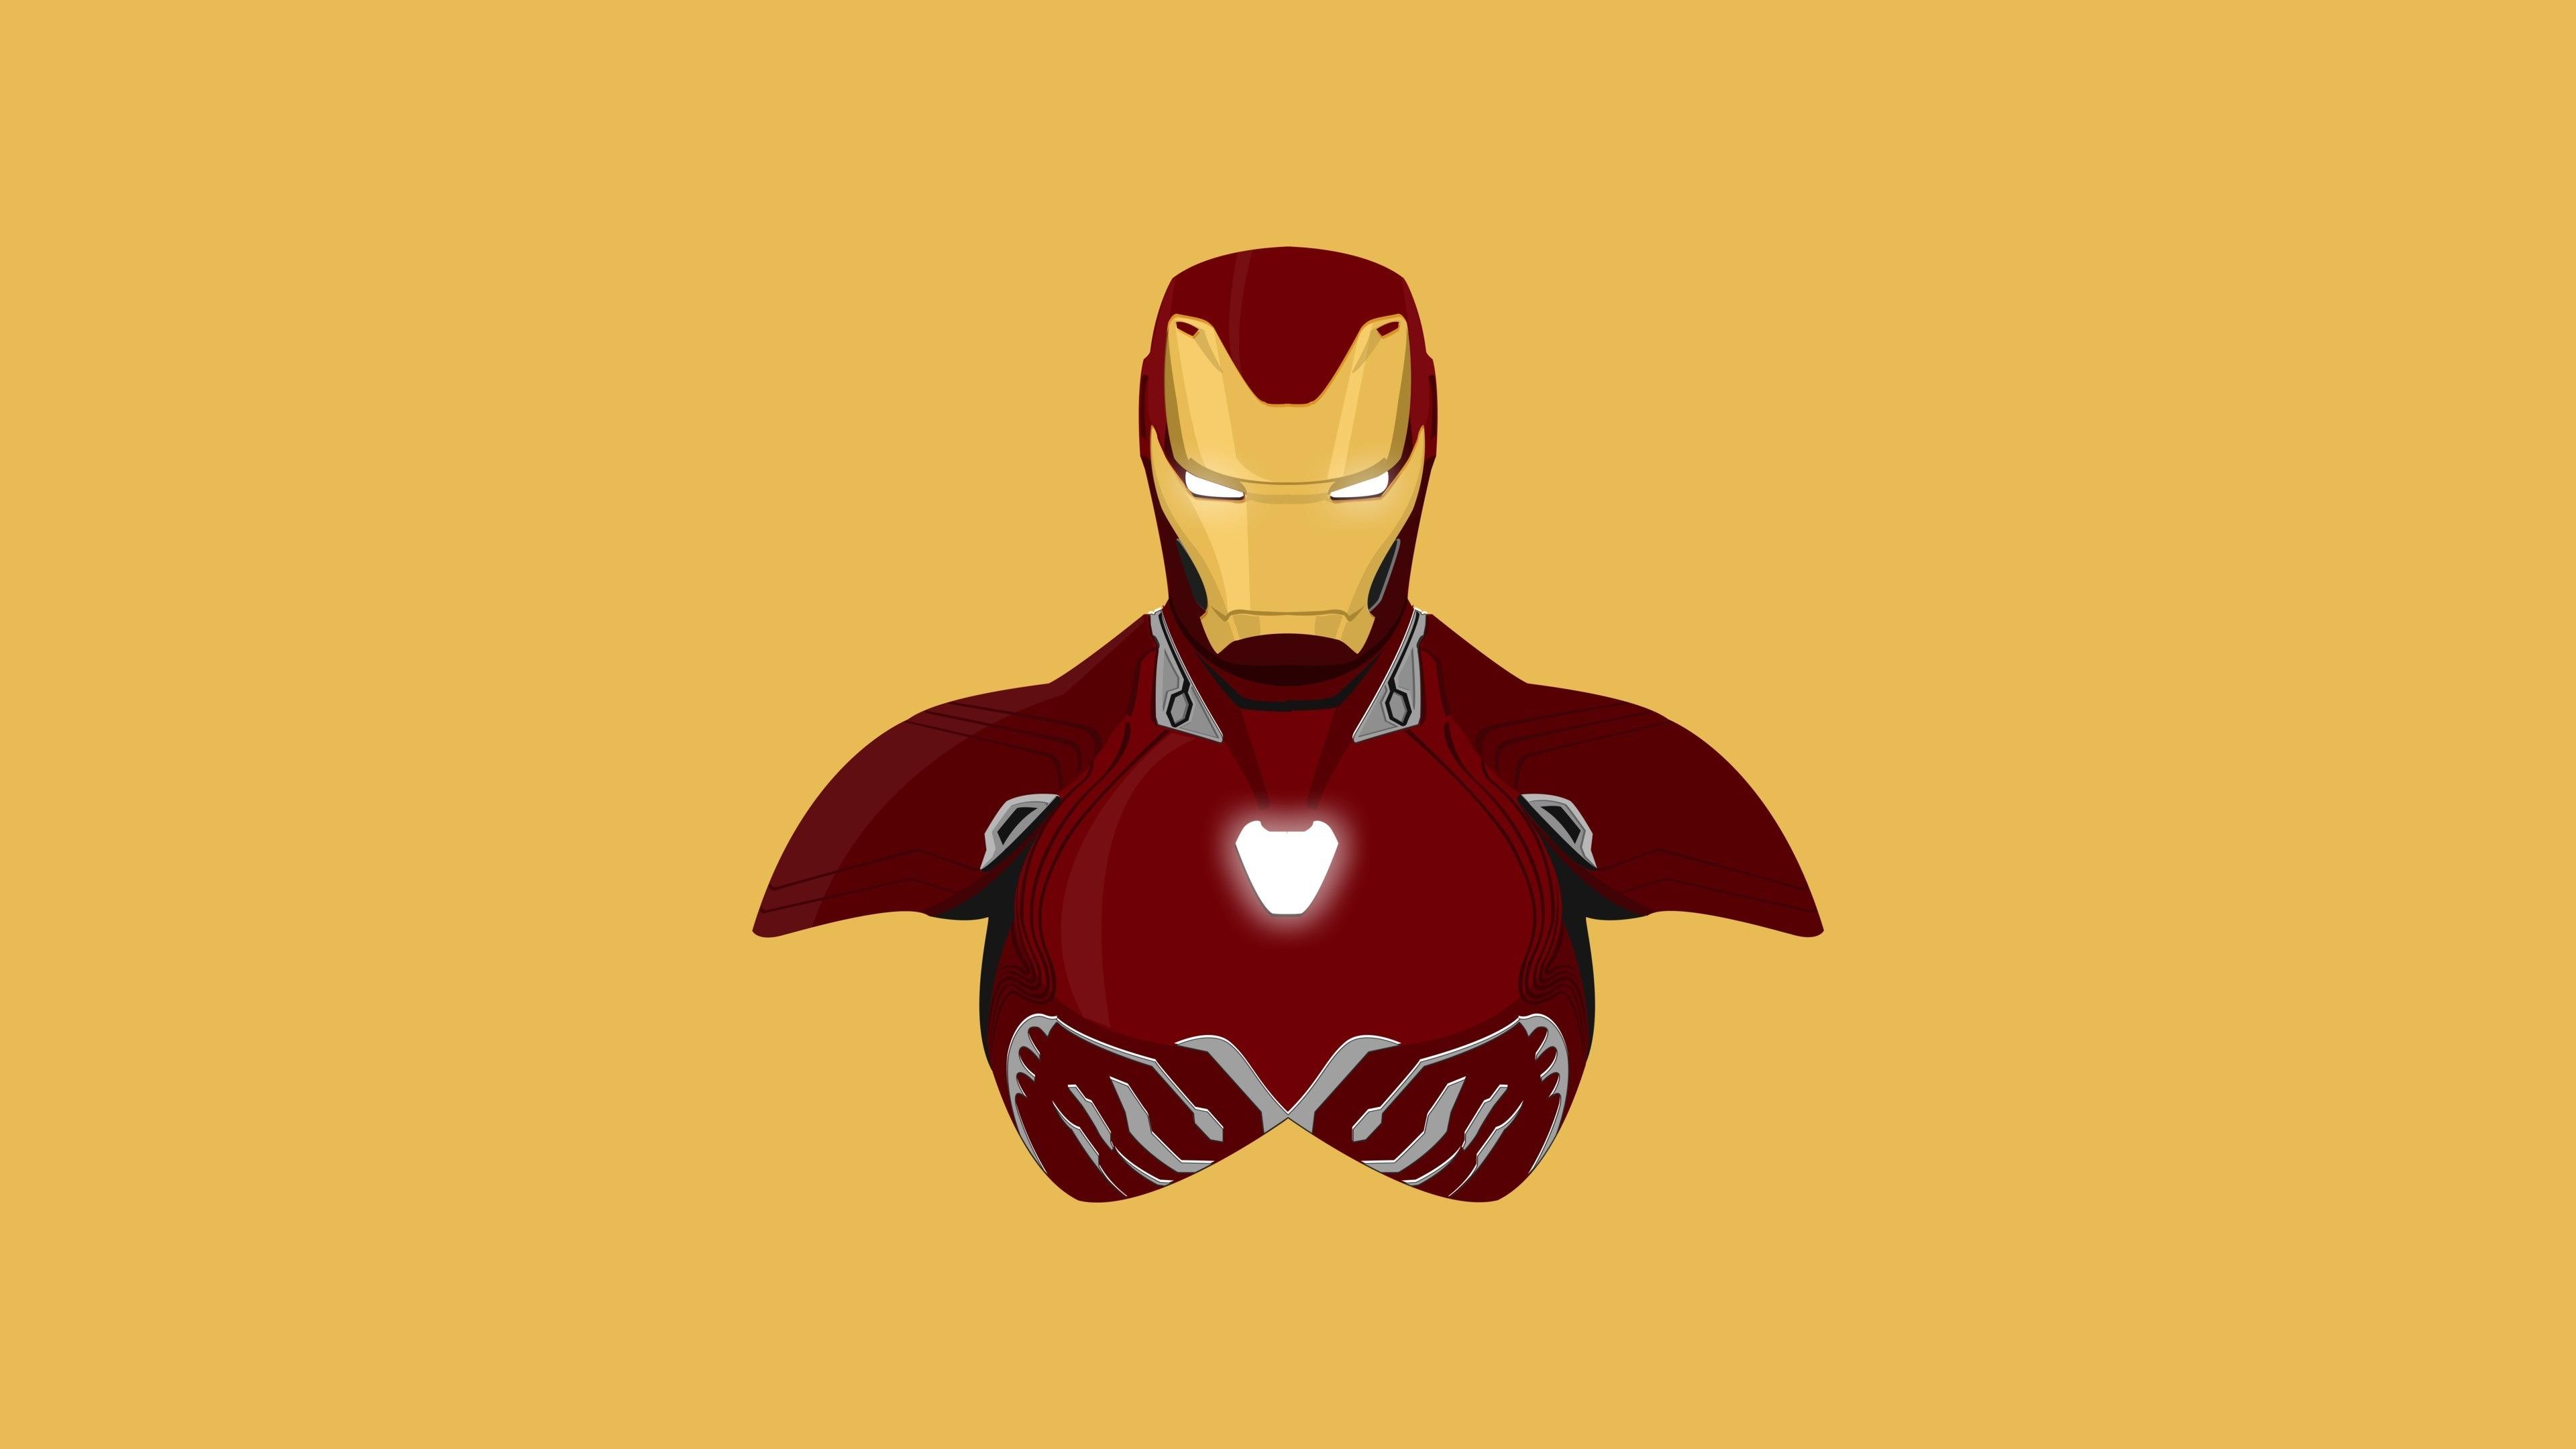 Download 3840x2400 Wallpaper Iron Man Superhero Minimal Iron Suit